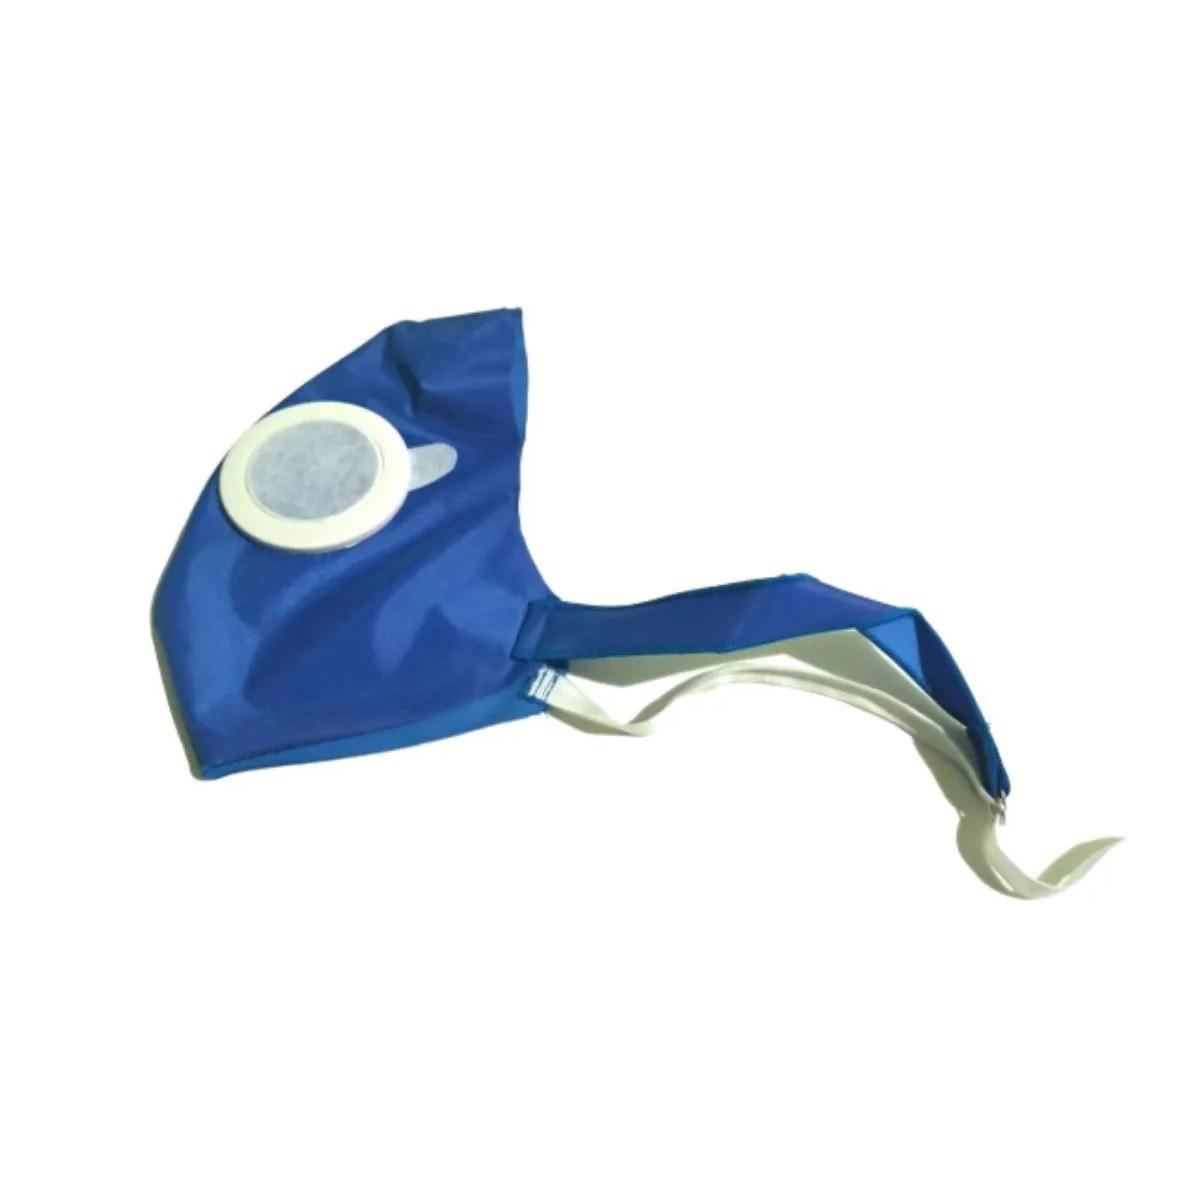 Kit Máscara Protetiva Ajustável Regulável Azul E Rosa Com 150 Filtros - 150 REFIL PRETO